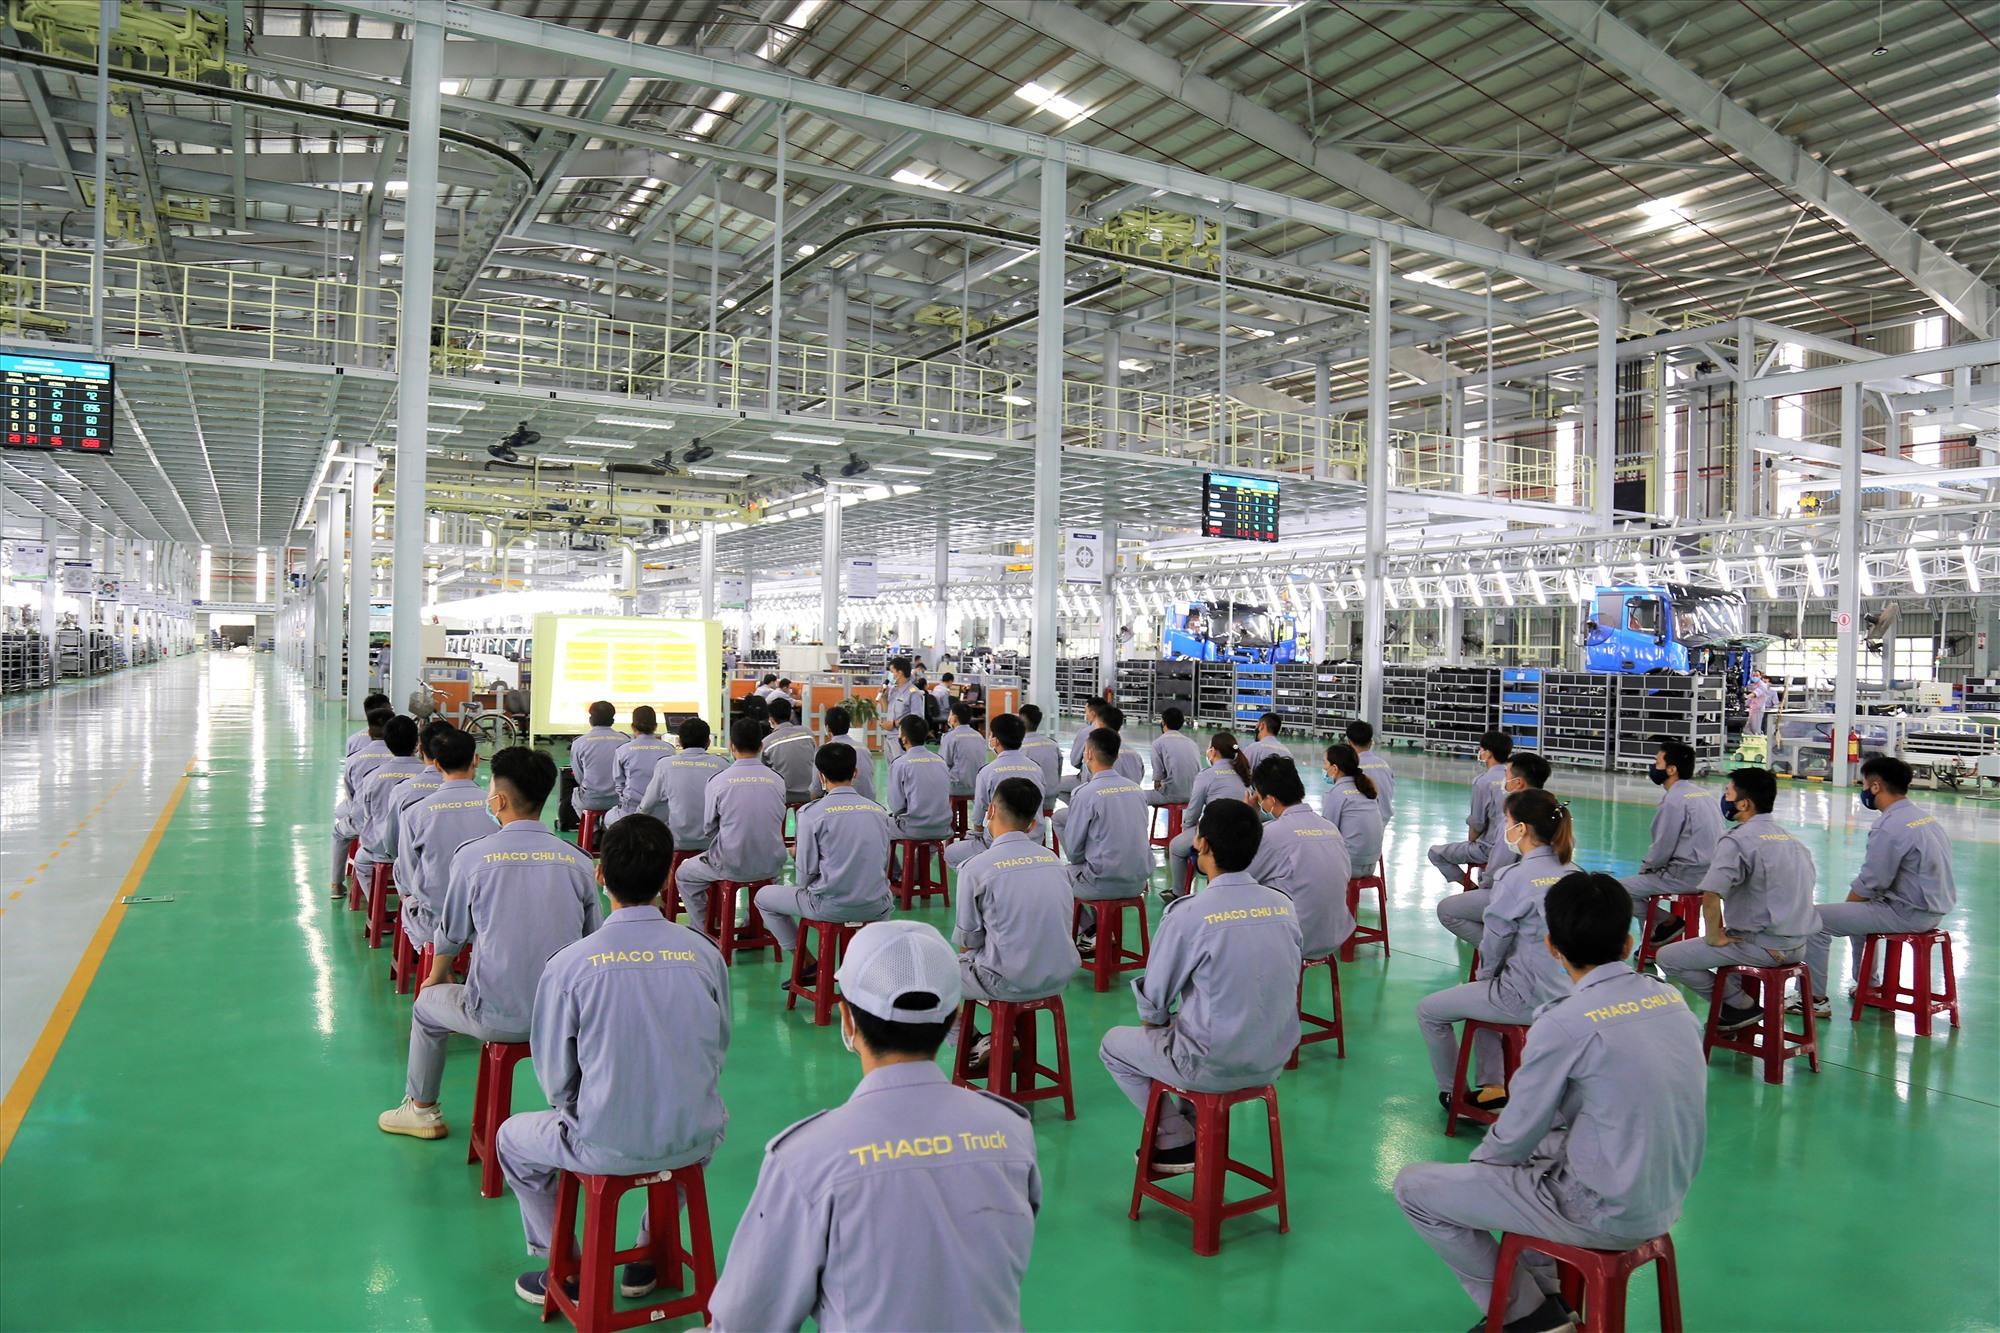 Khóa đào tạo được chia thành nhiều lớp, do cán bộ quản lý các đơn vị, nhà máy phụ trách.